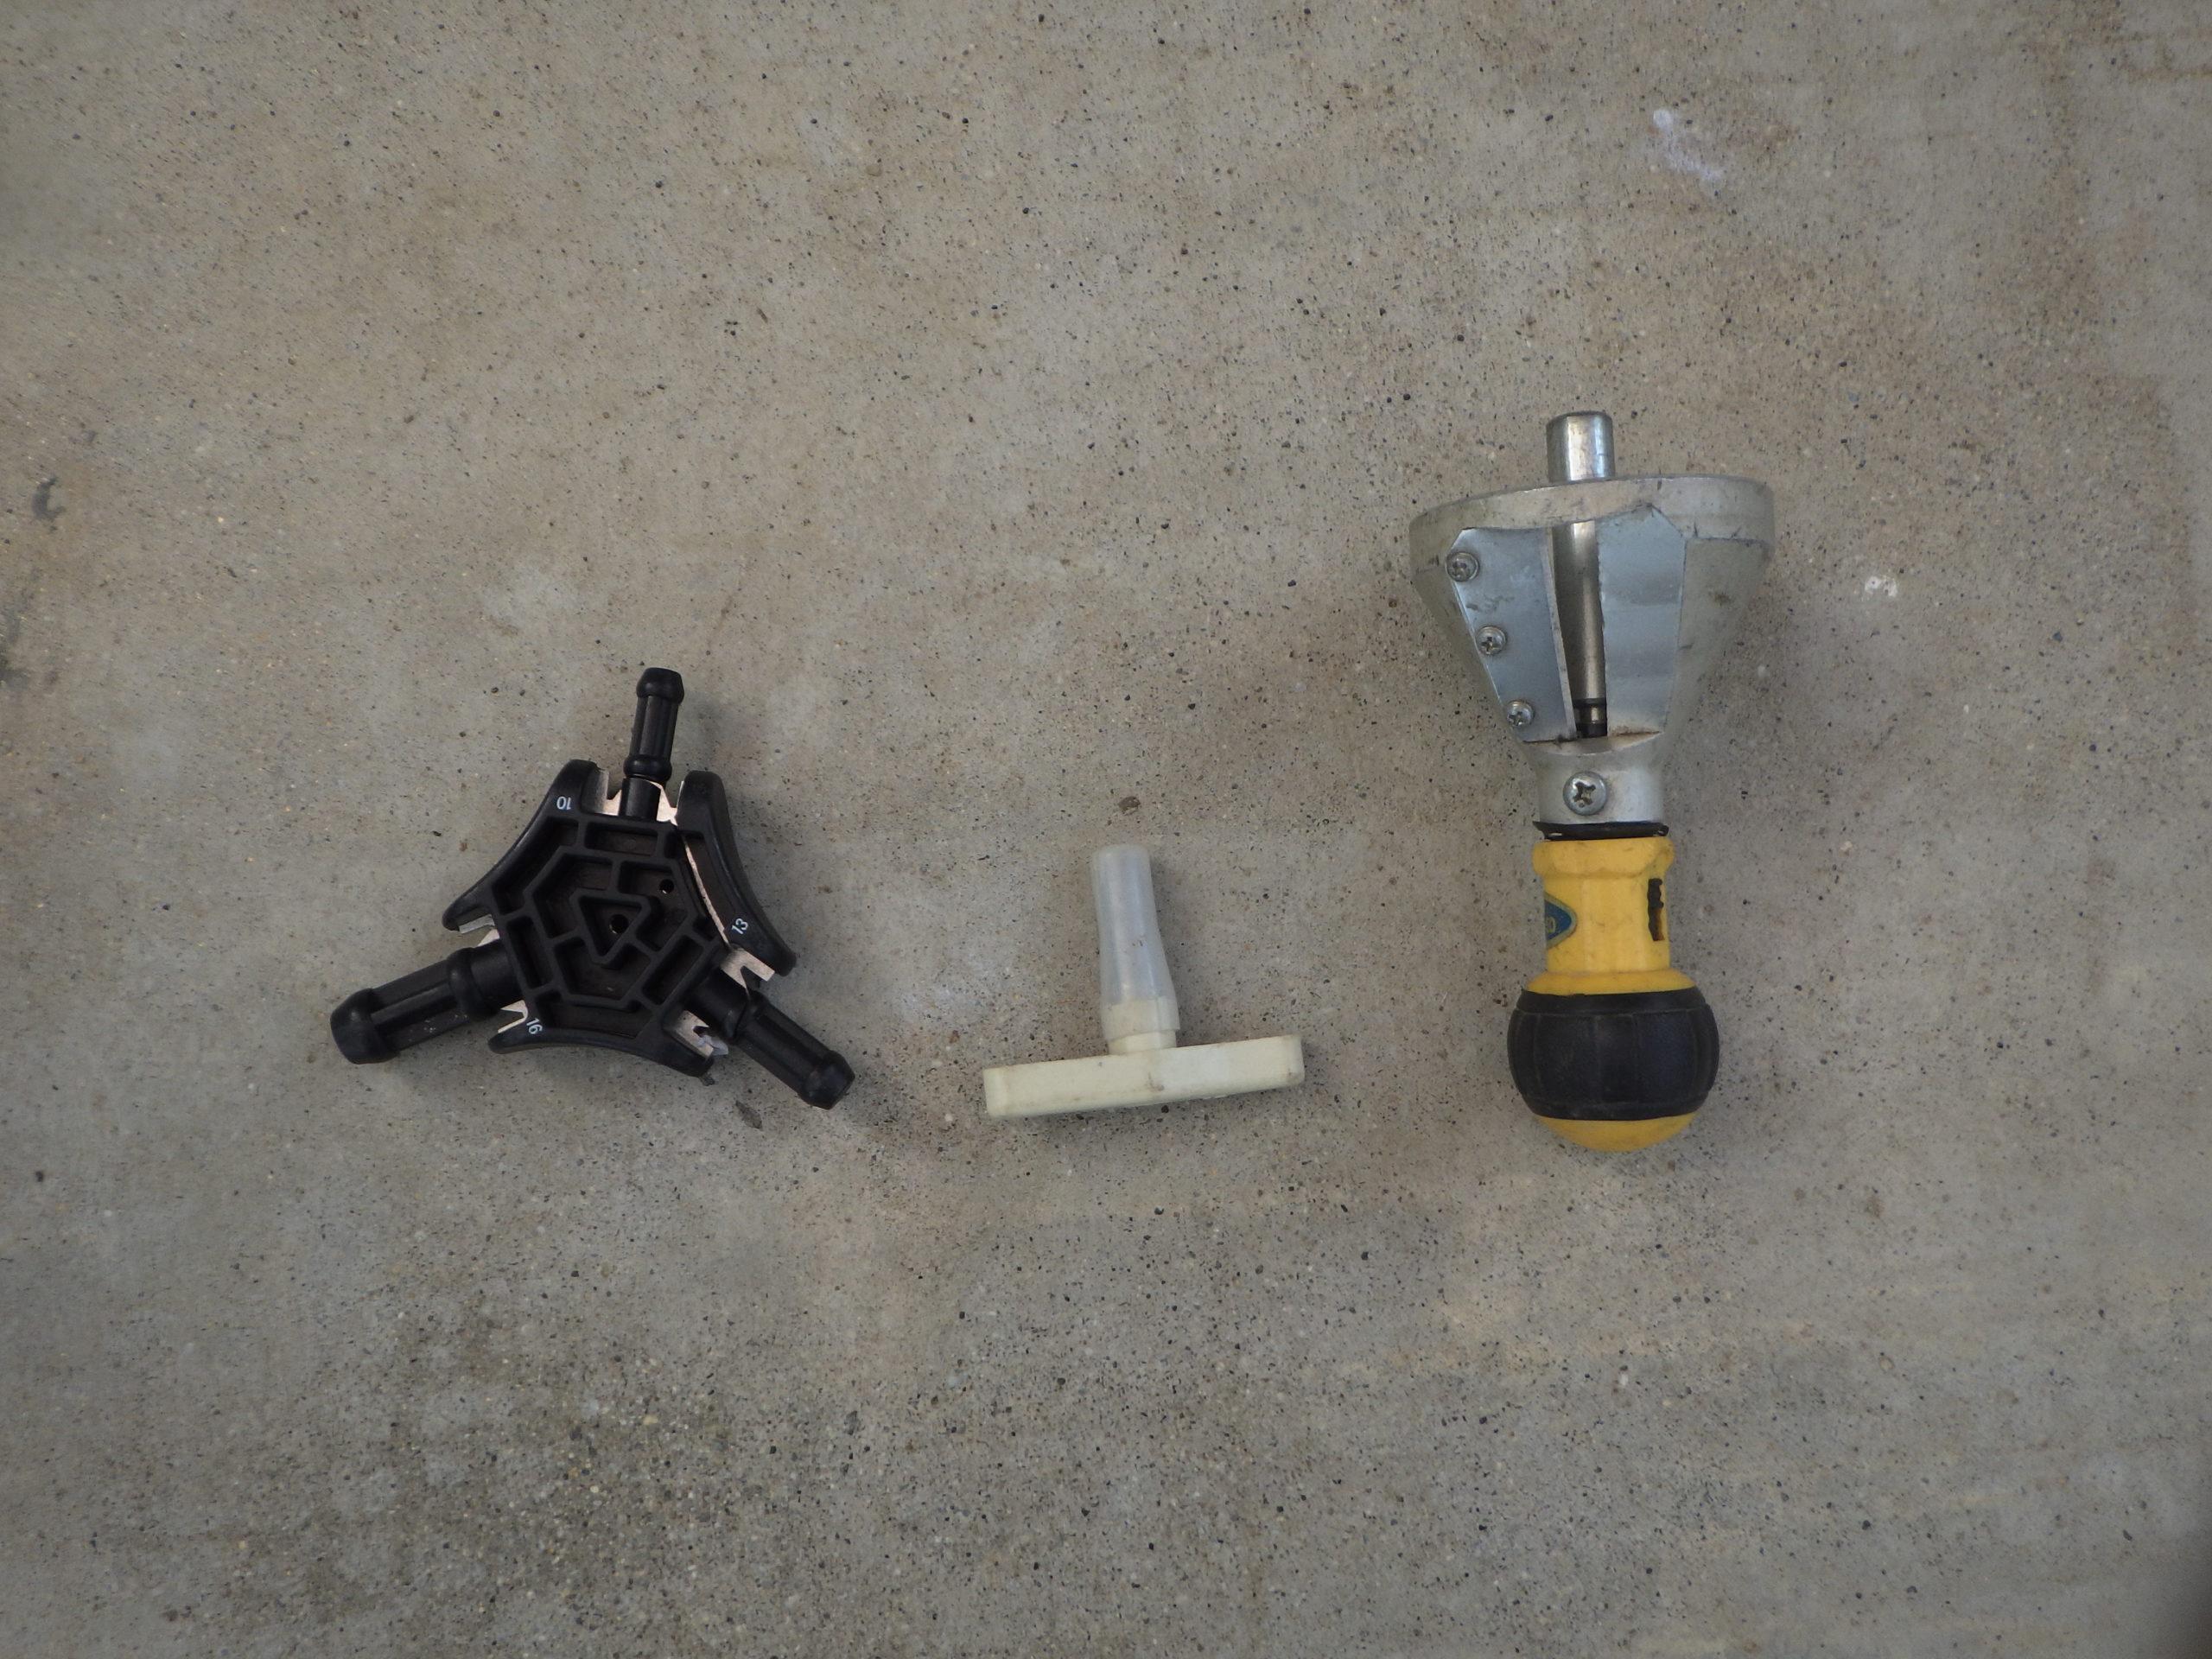 【面取り器】水道屋さんの厳選おすすめ面取り器10選